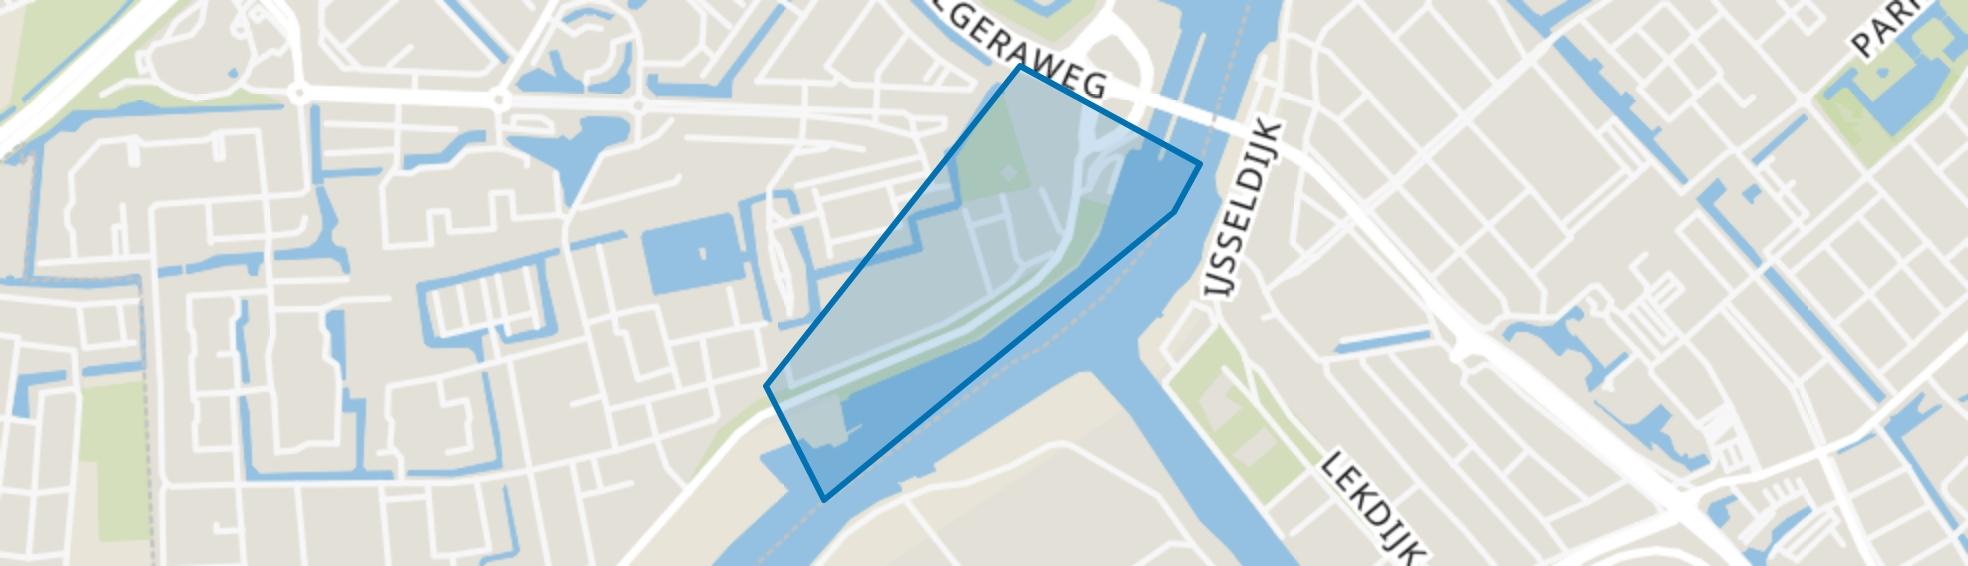 Zeeheldenbuurt-oost, Capelle aan den IJssel map